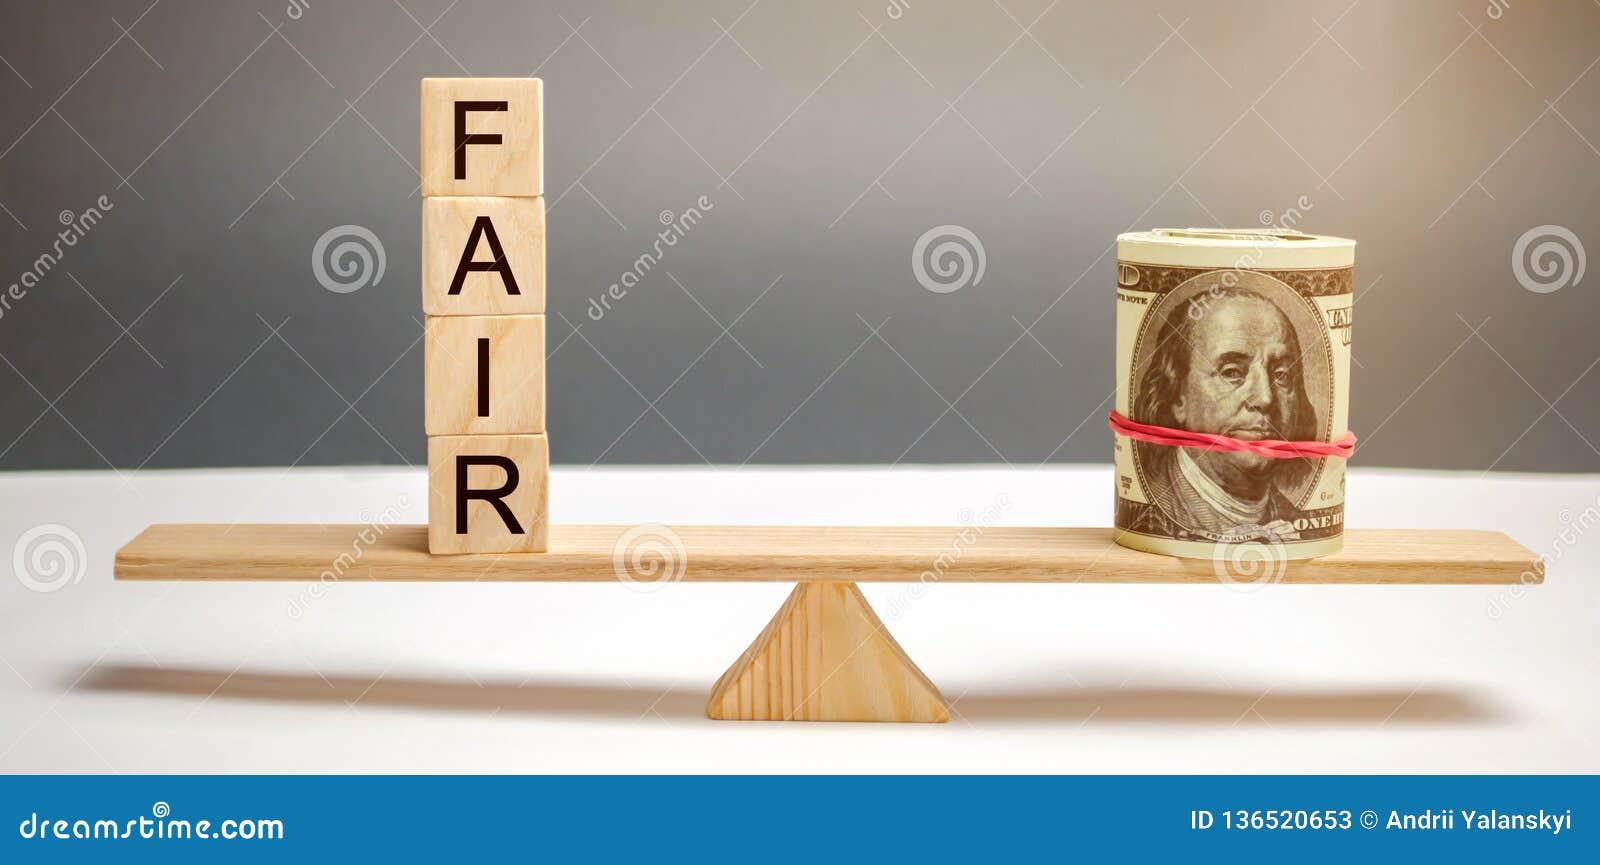 Δολάρια και η έκθεση επιγραφής στους ξύλινους φραγμούς Ισορροπία Δίκαιη τιμολόγηση αξίας, χρέος χρημάτων Δίκαιη διαπραγμάτευση Λο